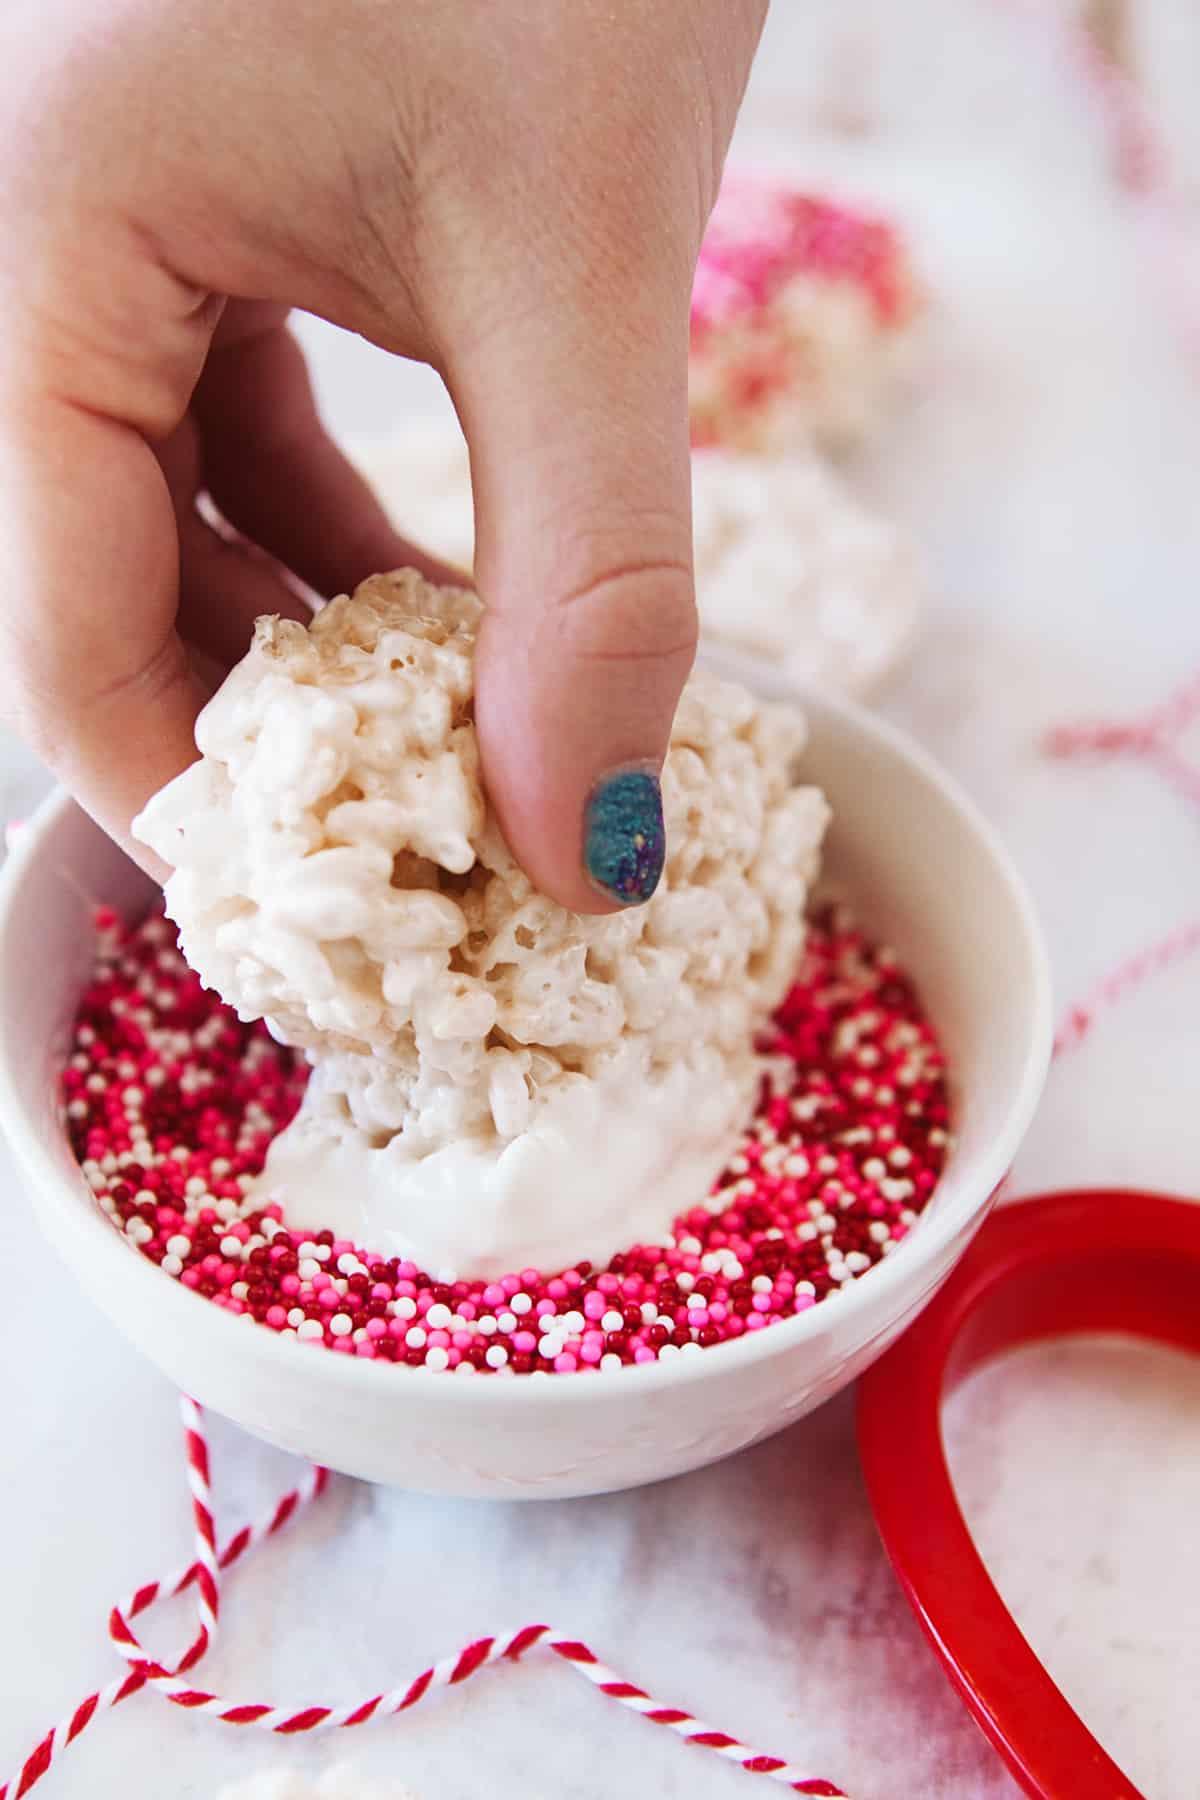 Dipping rice Krispies in sprinkles.